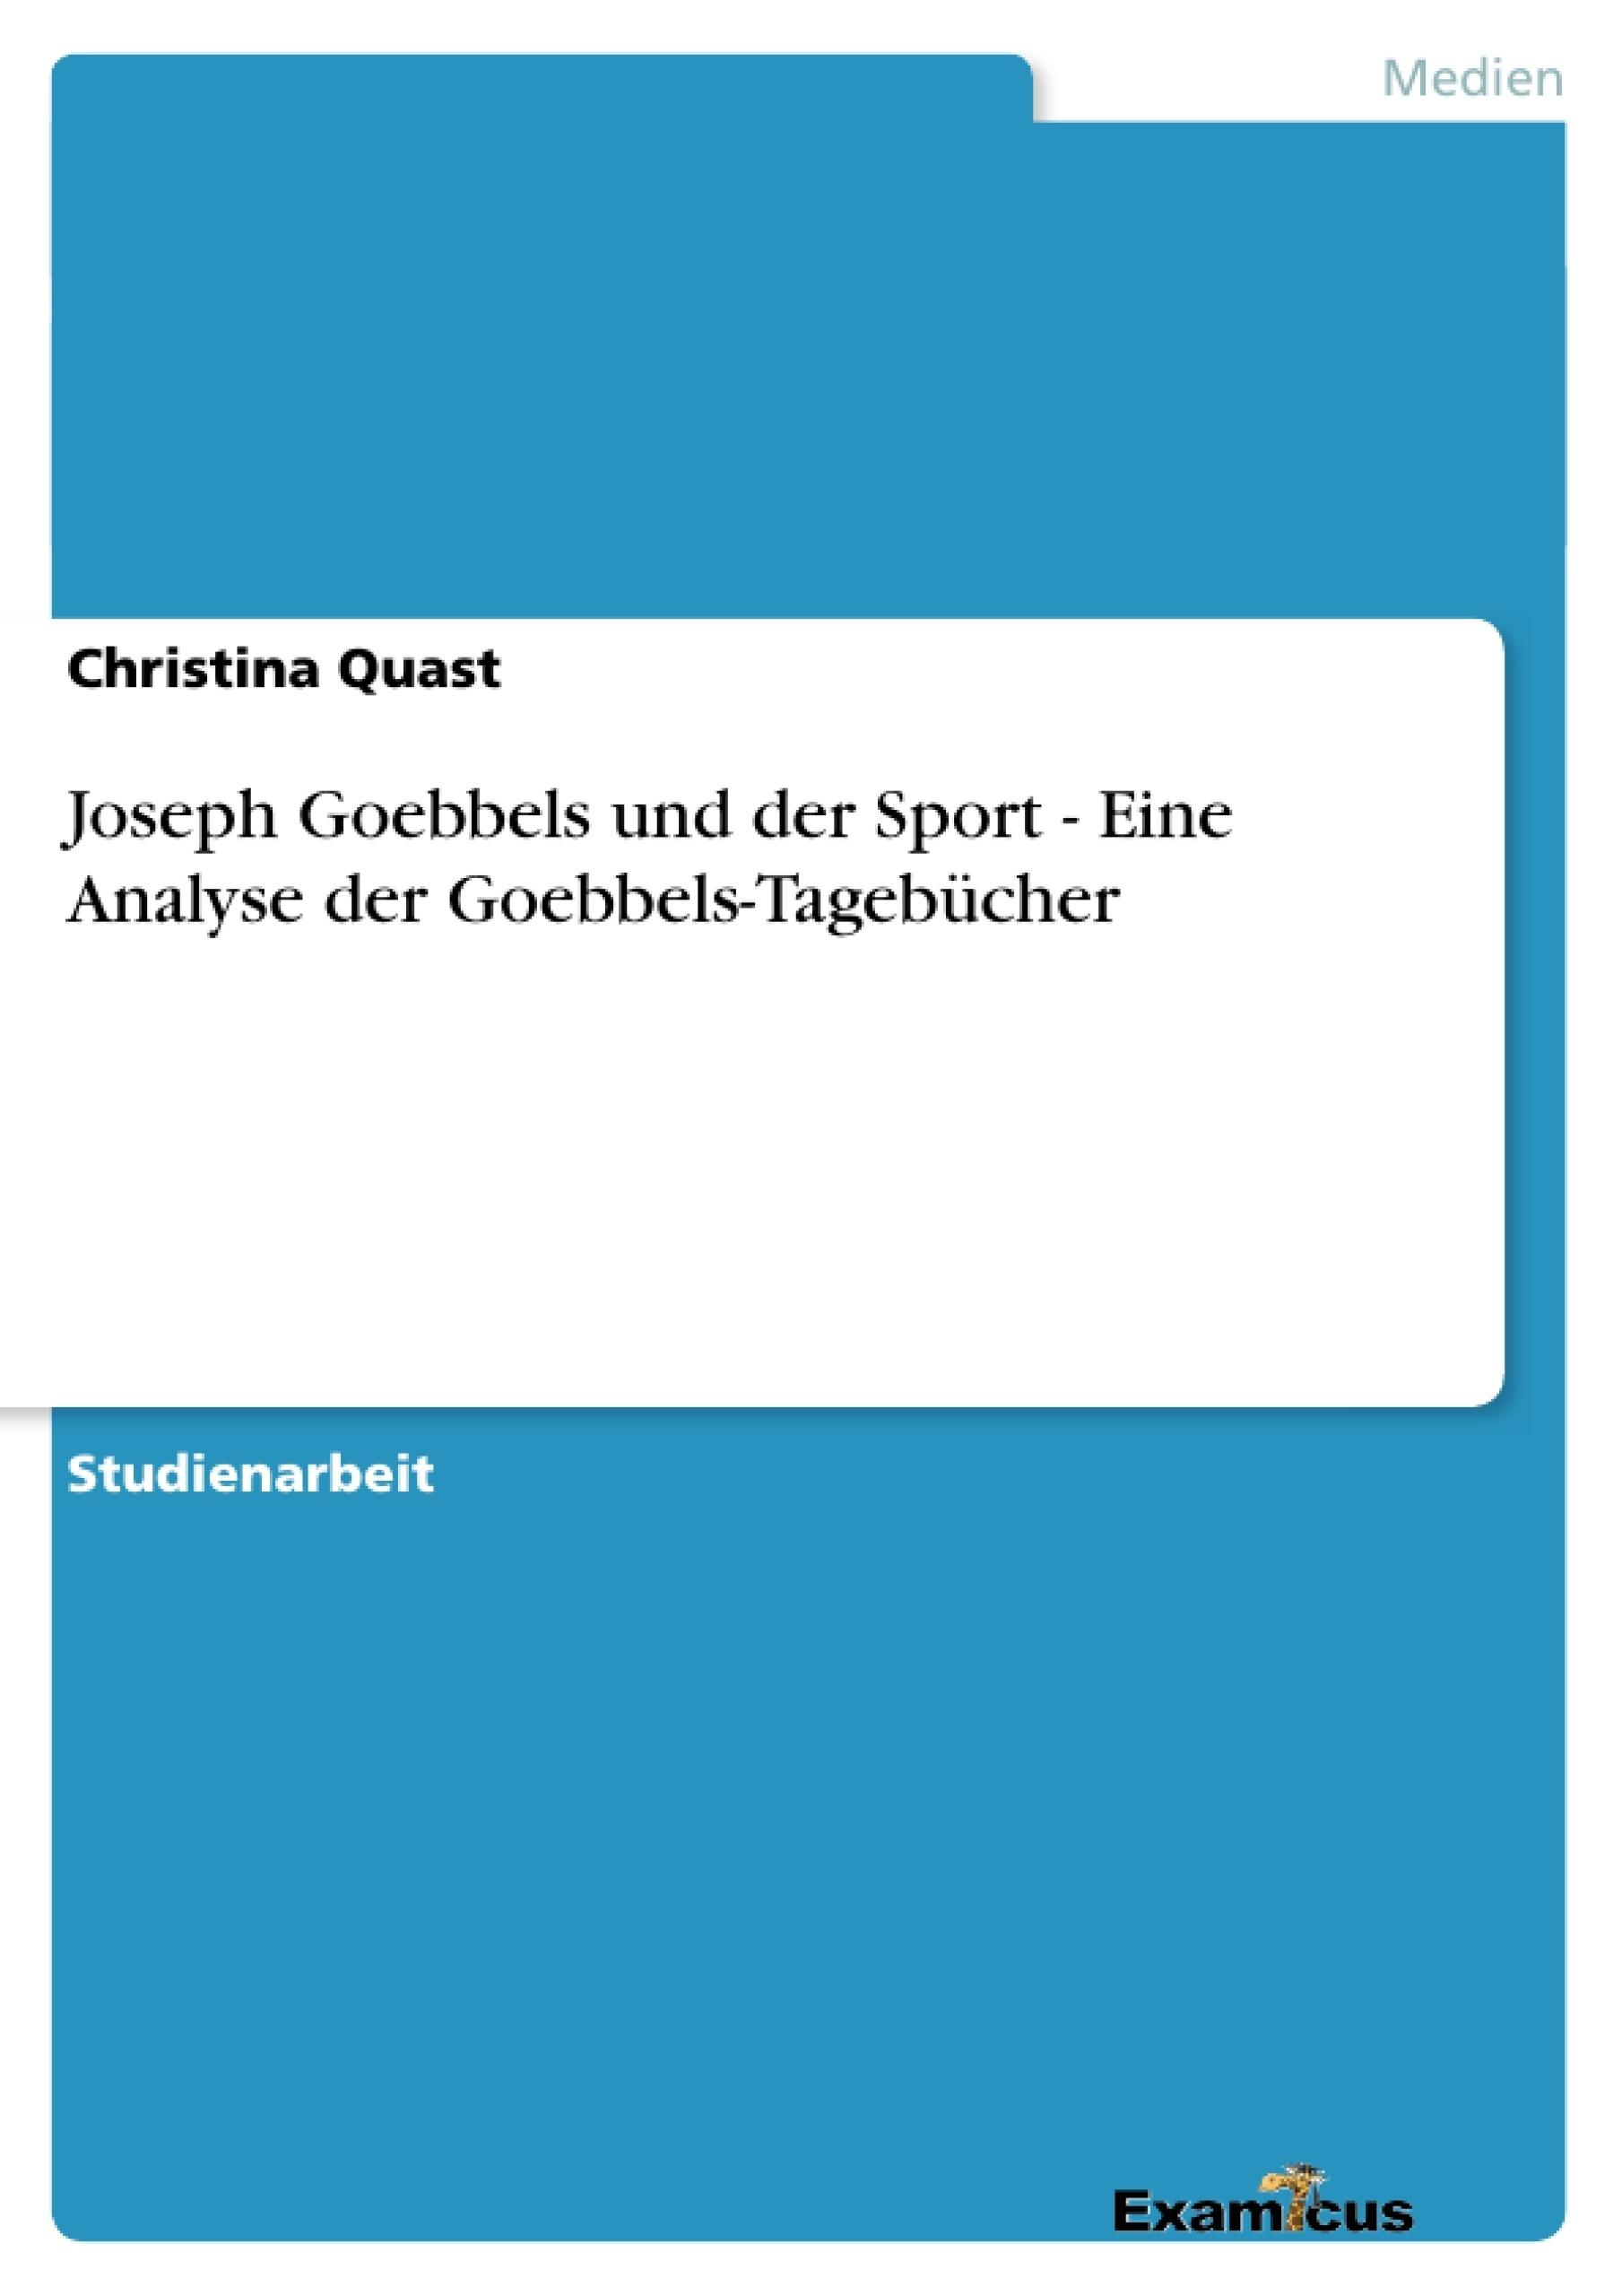 Titel: Joseph Goebbels und der Sport - Eine Analyse der Goebbels-Tagebücher